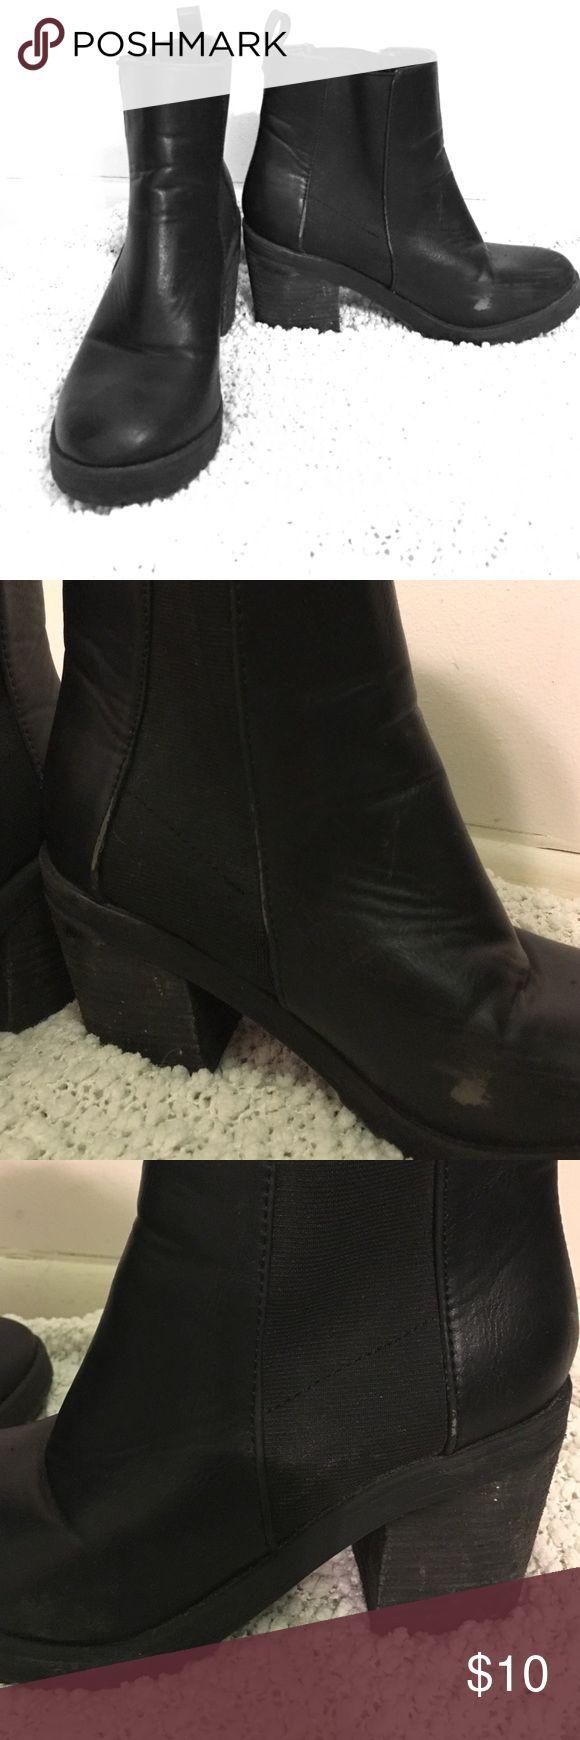 buy online 94c29 f20e2 ... Black - Duke Blue Devils, Kids Unisex Chunky Boots NEW Nike Air Jordan  ...